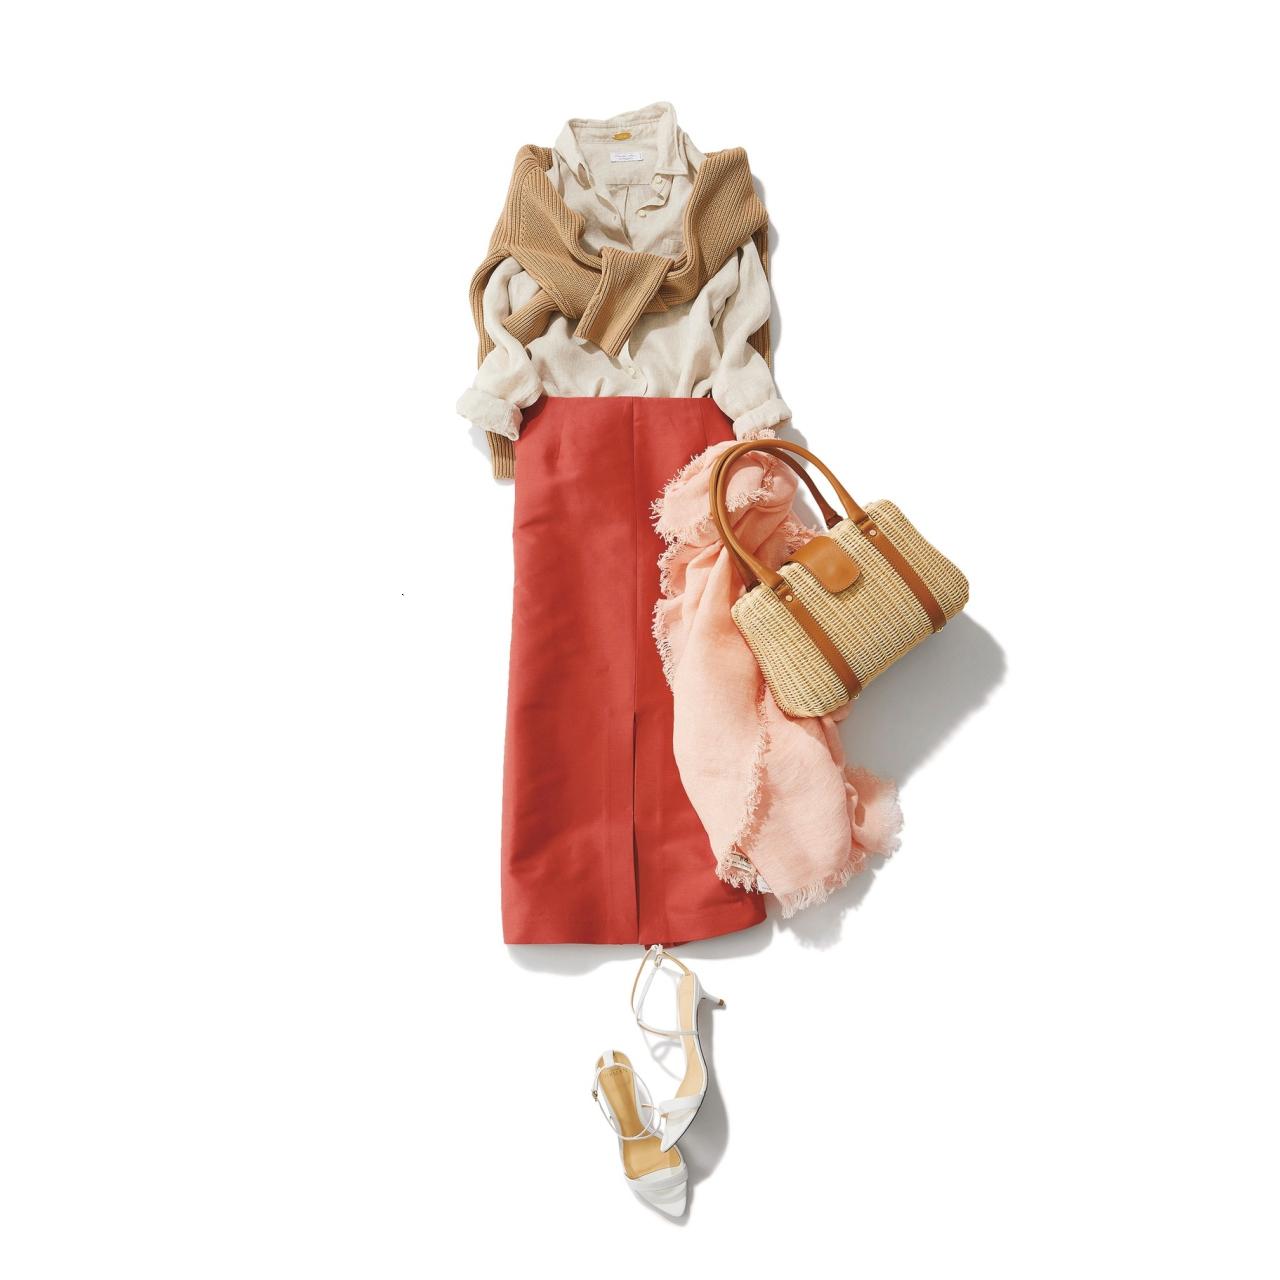 肩掛けニット×シャツ×オレンジのロングスカートコーデ